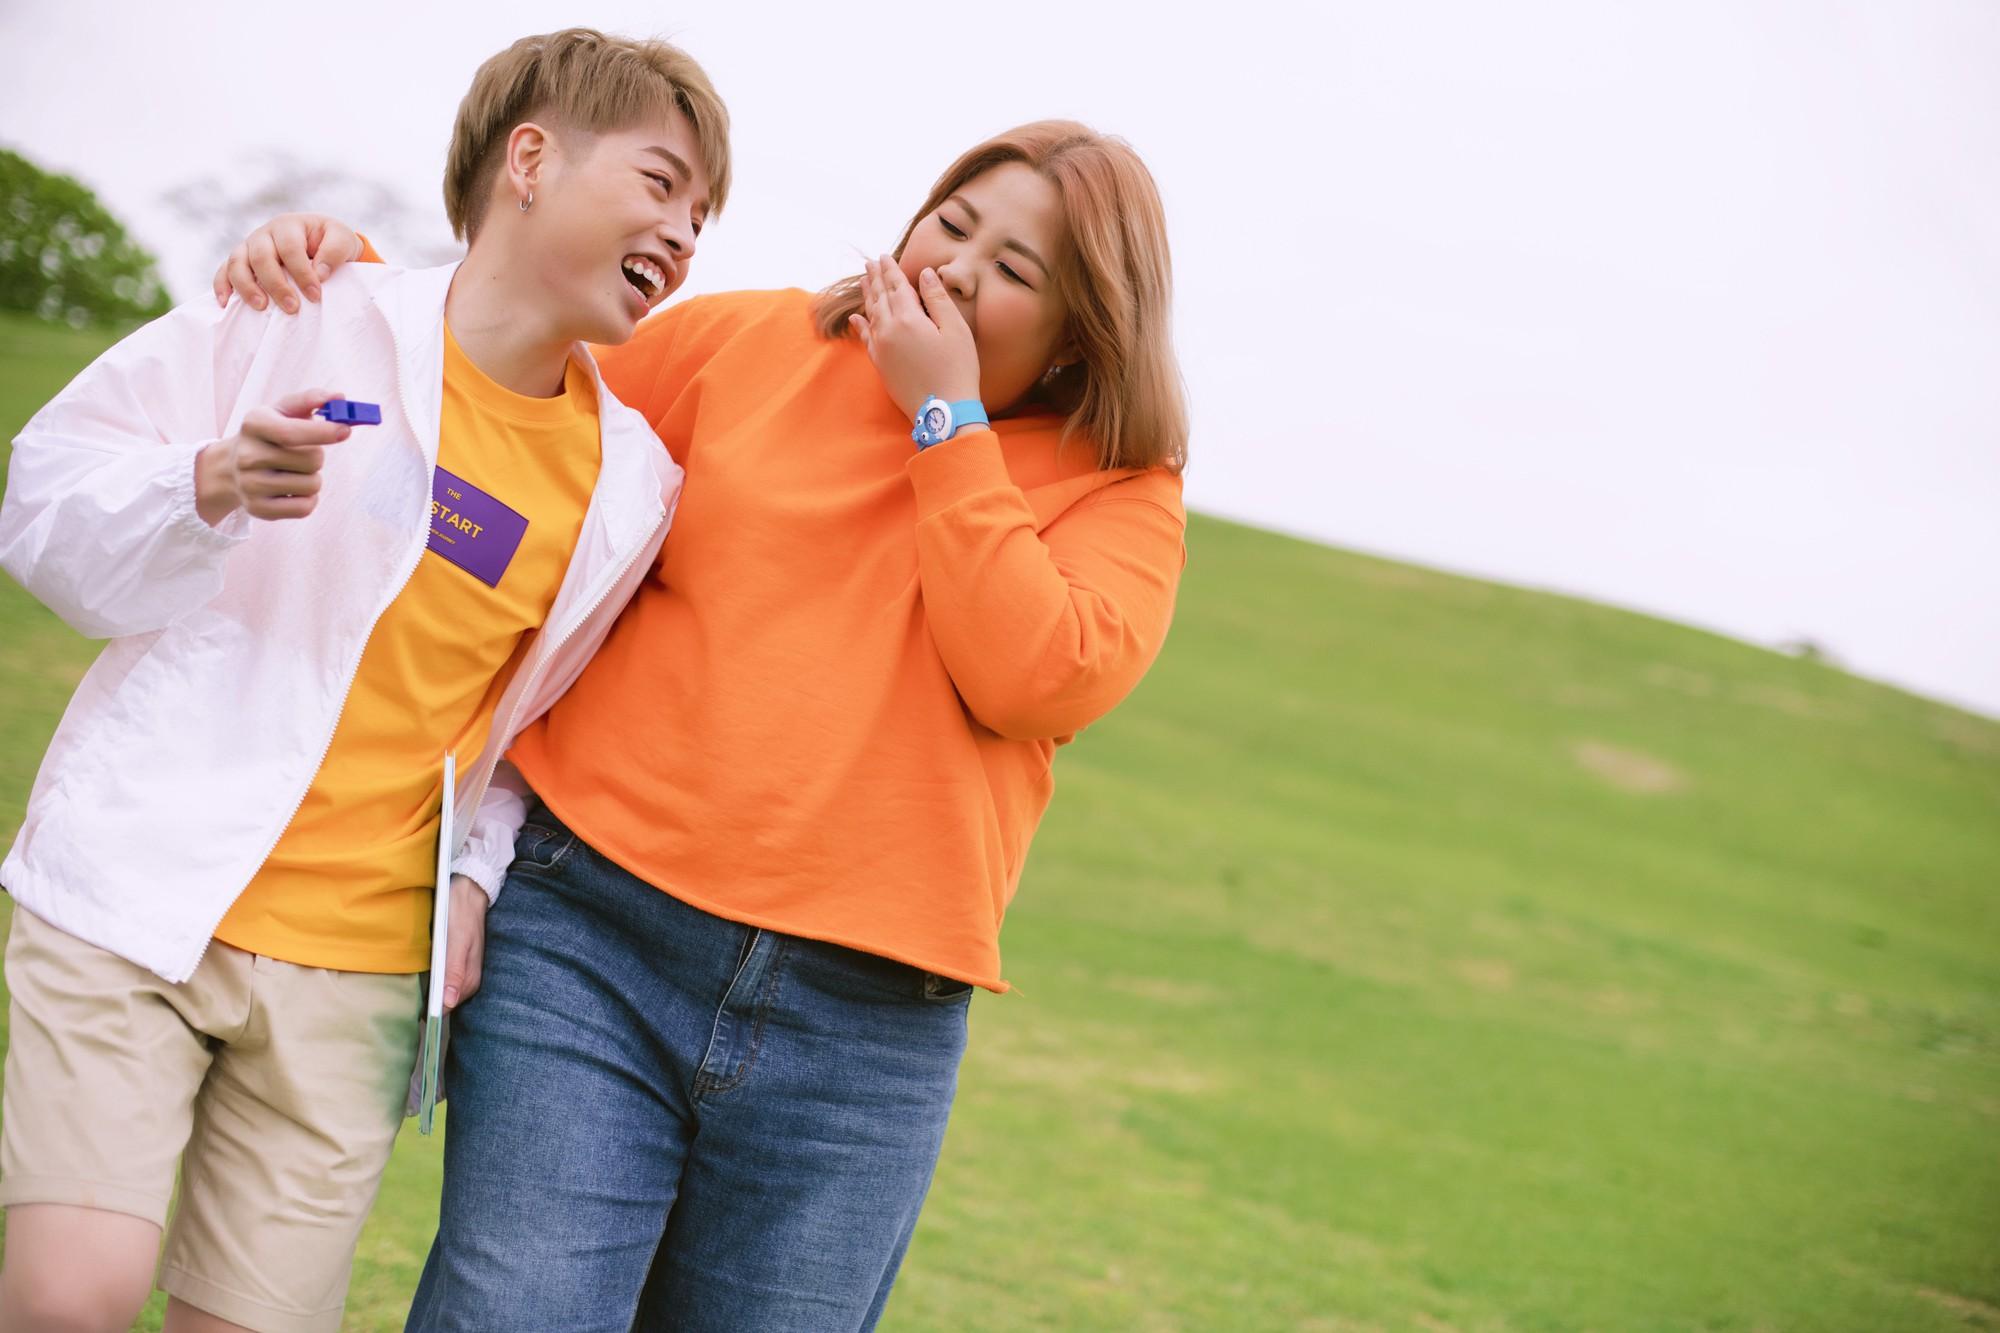 Ngắm loạt địa điểm đình đám trong MV mới của Đức Phúc, dân tình lại có thêm động lực để đi du lịch Hàn - Ảnh 12.